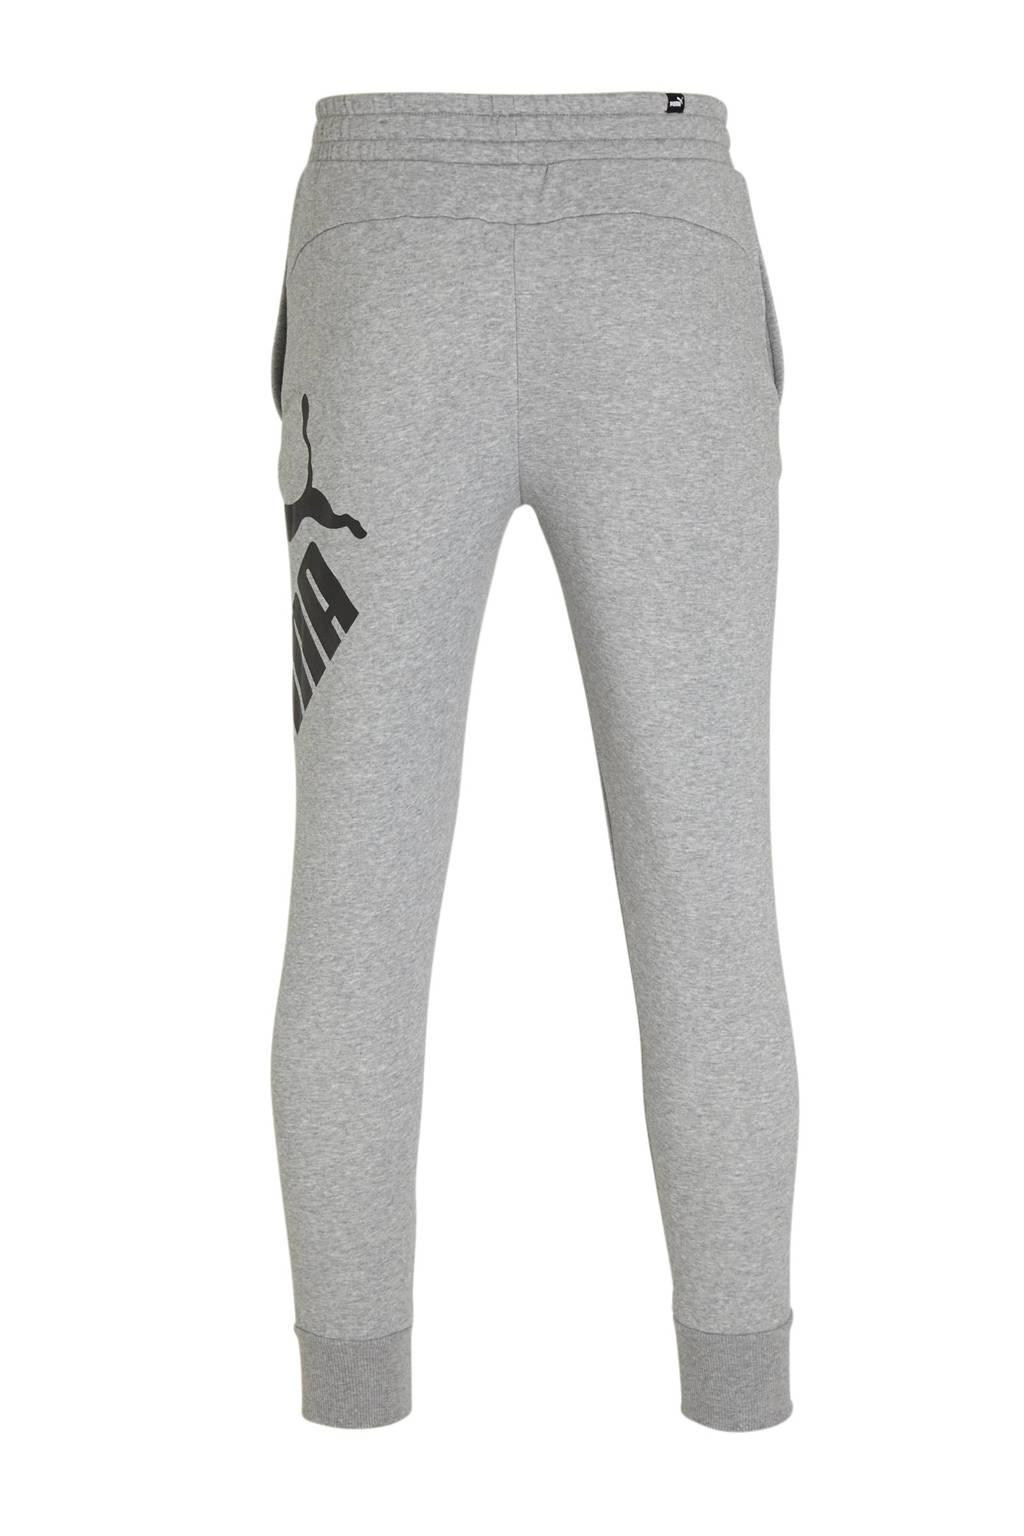 Puma   joggingbroek grijs, Grijs melange